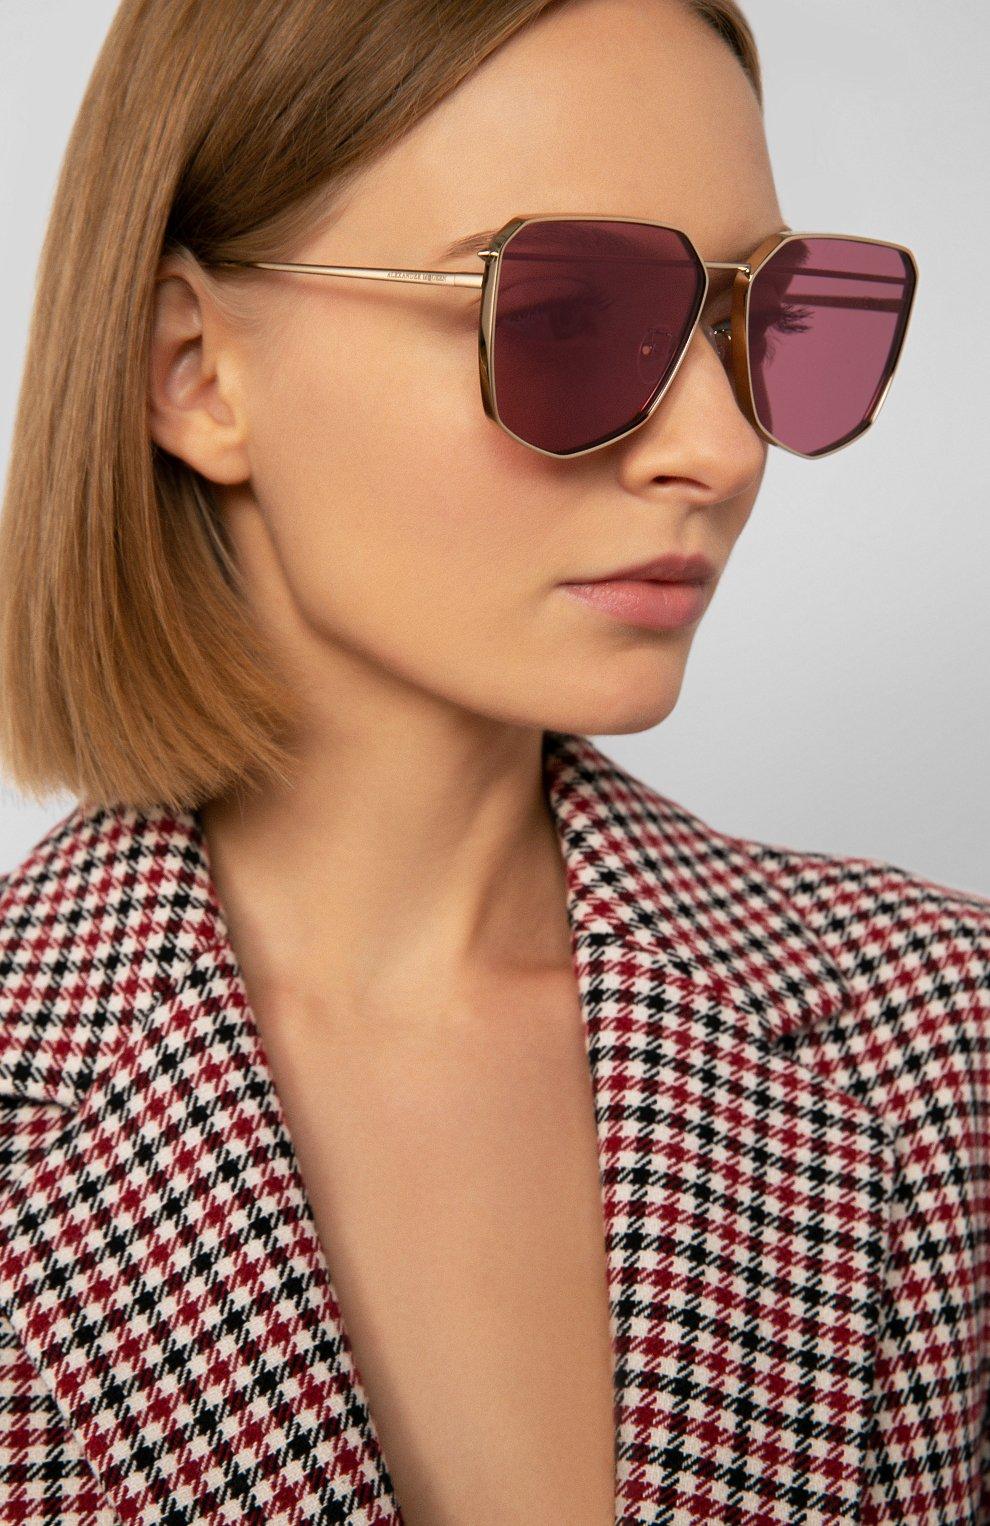 Женские солнцезащитные очки ALEXANDER MCQUEEN розового цвета, арт. AM0136 005 | Фото 2